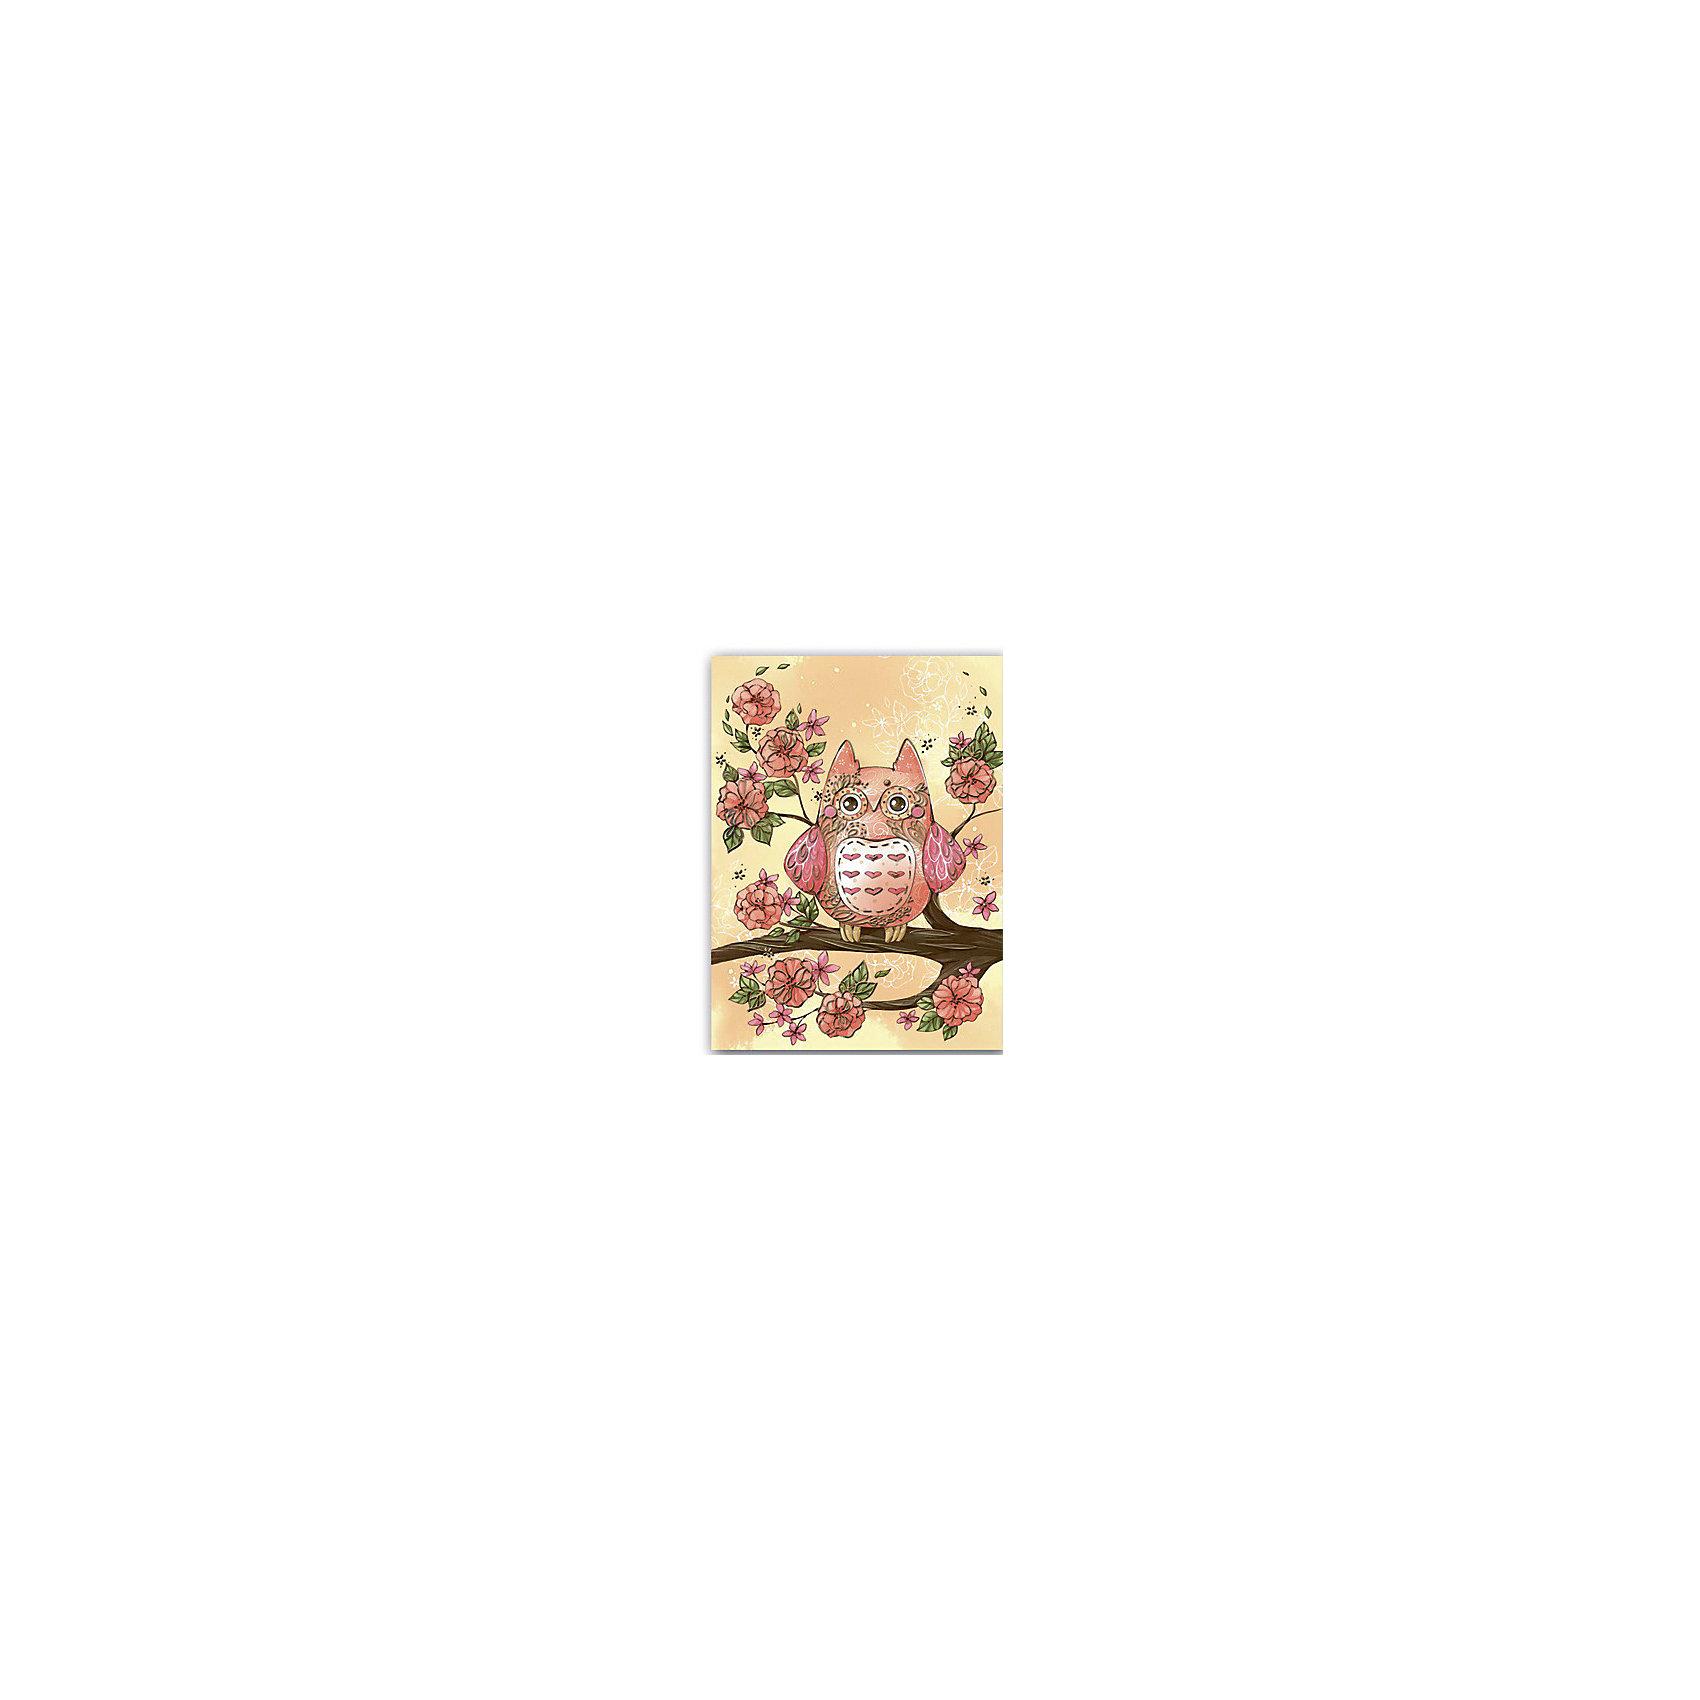 Записная книжка Сова, А6Красивая записная книжка, украшенная оригинальным рисунком, стразами и фольгой обязательно понравится девочке и станет желанным подарком на любой праздник. Плотные страницы идеально подойдут для рисунков и записей, а прочная красивая обложка надежно сохранит все девичьи секреты!  <br>Небольшой формат позволяет брать записную книжку куда угодно - она запросто поместится в любой сумочке и всегда будет под рукой! <br><br>Дополнительная информация:<br><br>- Обложка: твердая, 7БЦ с печатью по металлизированной бумаге, тиснение серебряной фольгой. <br>- Количество страниц: 160.<br>- Формат А6 (15 х 11 см.).<br><br>Записную книжку Сова, А6, можно купить в нашем магазине.<br><br>Ширина мм: 110<br>Глубина мм: 145<br>Высота мм: 10<br>Вес г: 130<br>Возраст от месяцев: 48<br>Возраст до месяцев: 2147483647<br>Пол: Женский<br>Возраст: Детский<br>SKU: 4756028